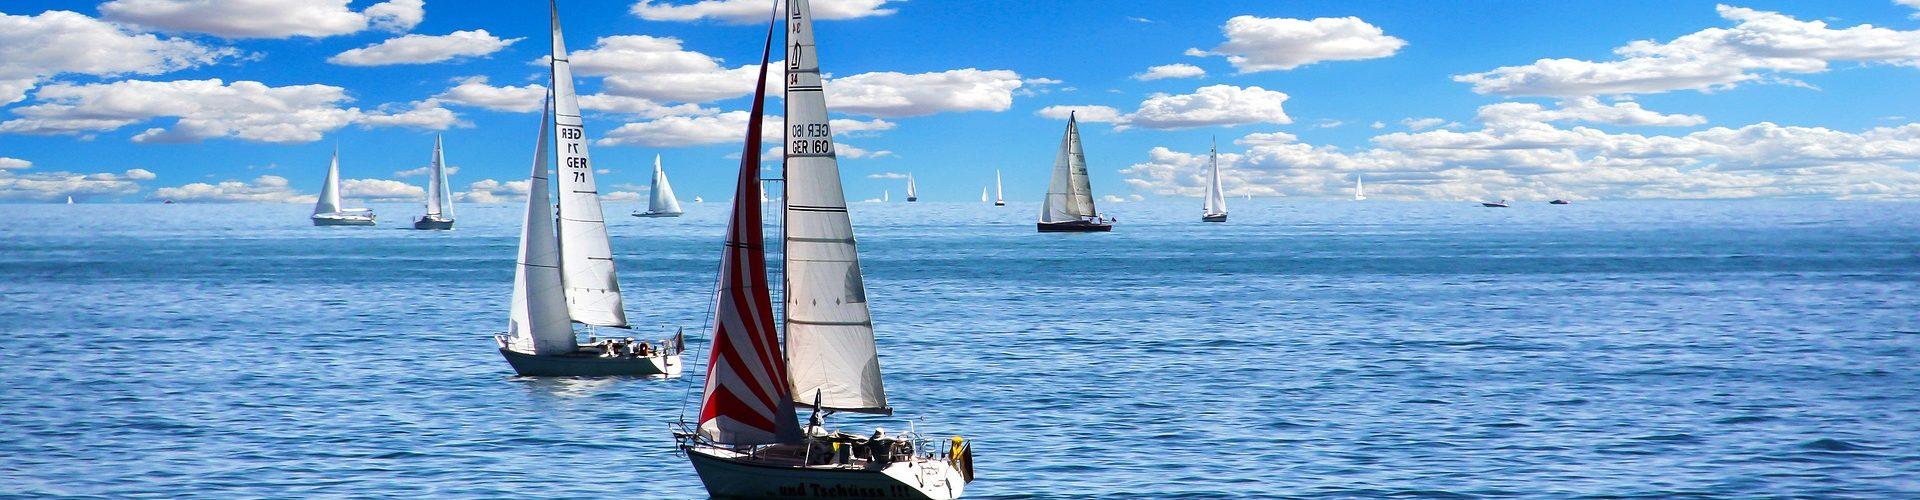 segeln lernen in Norddeich segelschein machen in Norddeich 1920x500 - Segeln lernen in Norddeich